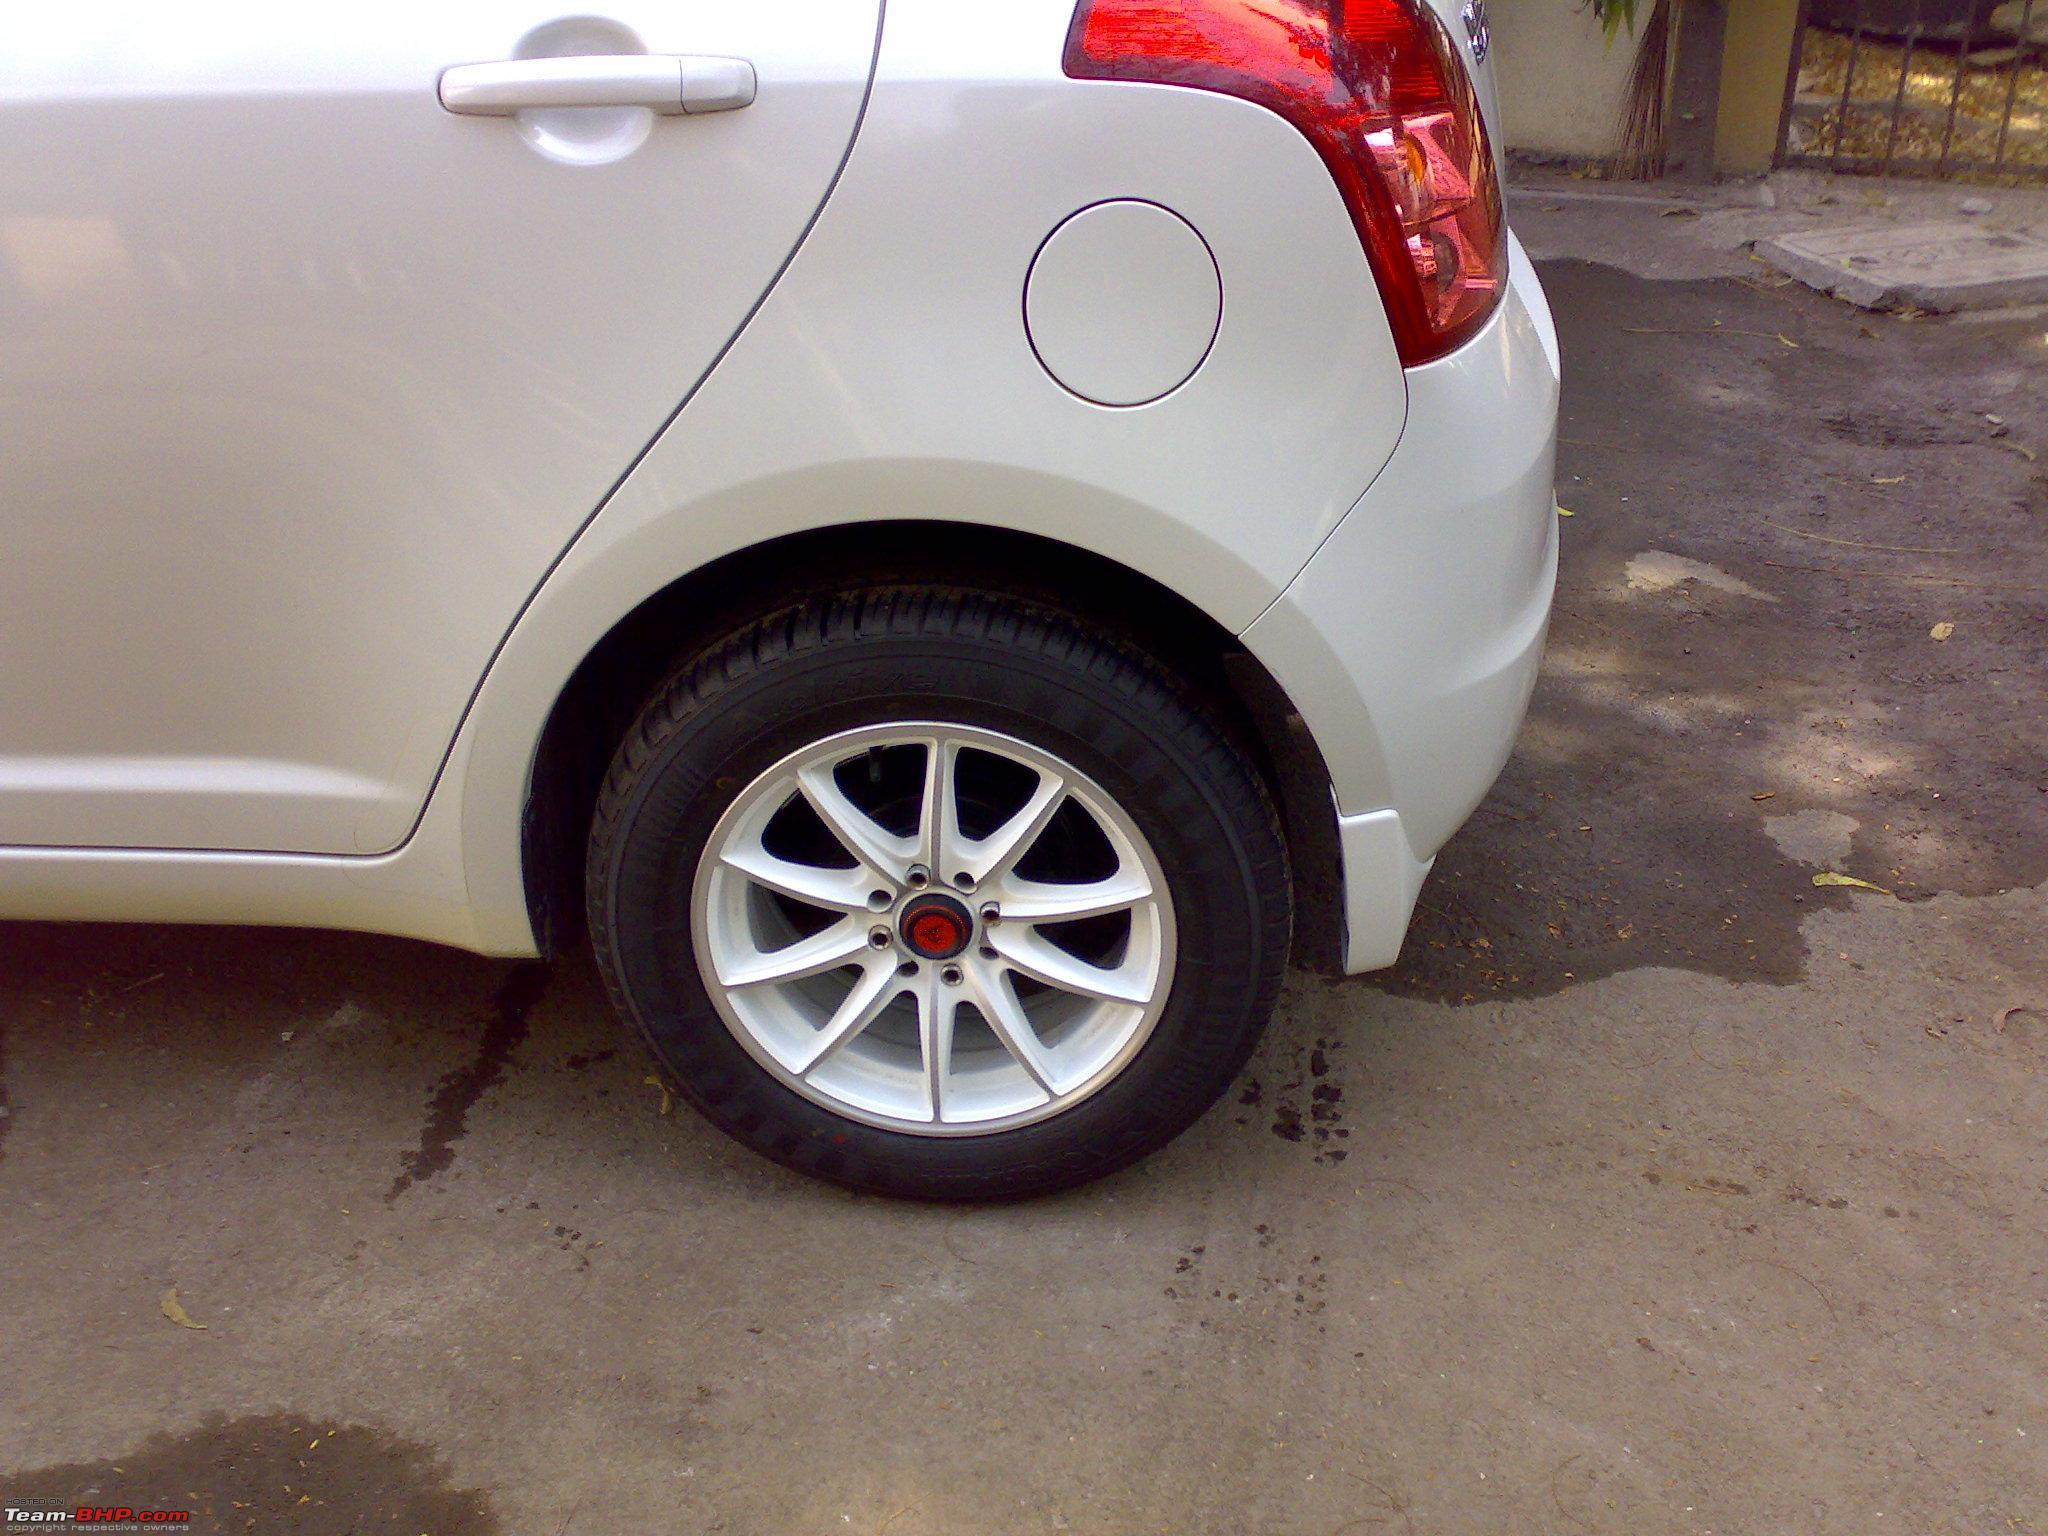 Aftermarket Alloys & Tyres: Pros, Cons & Myths